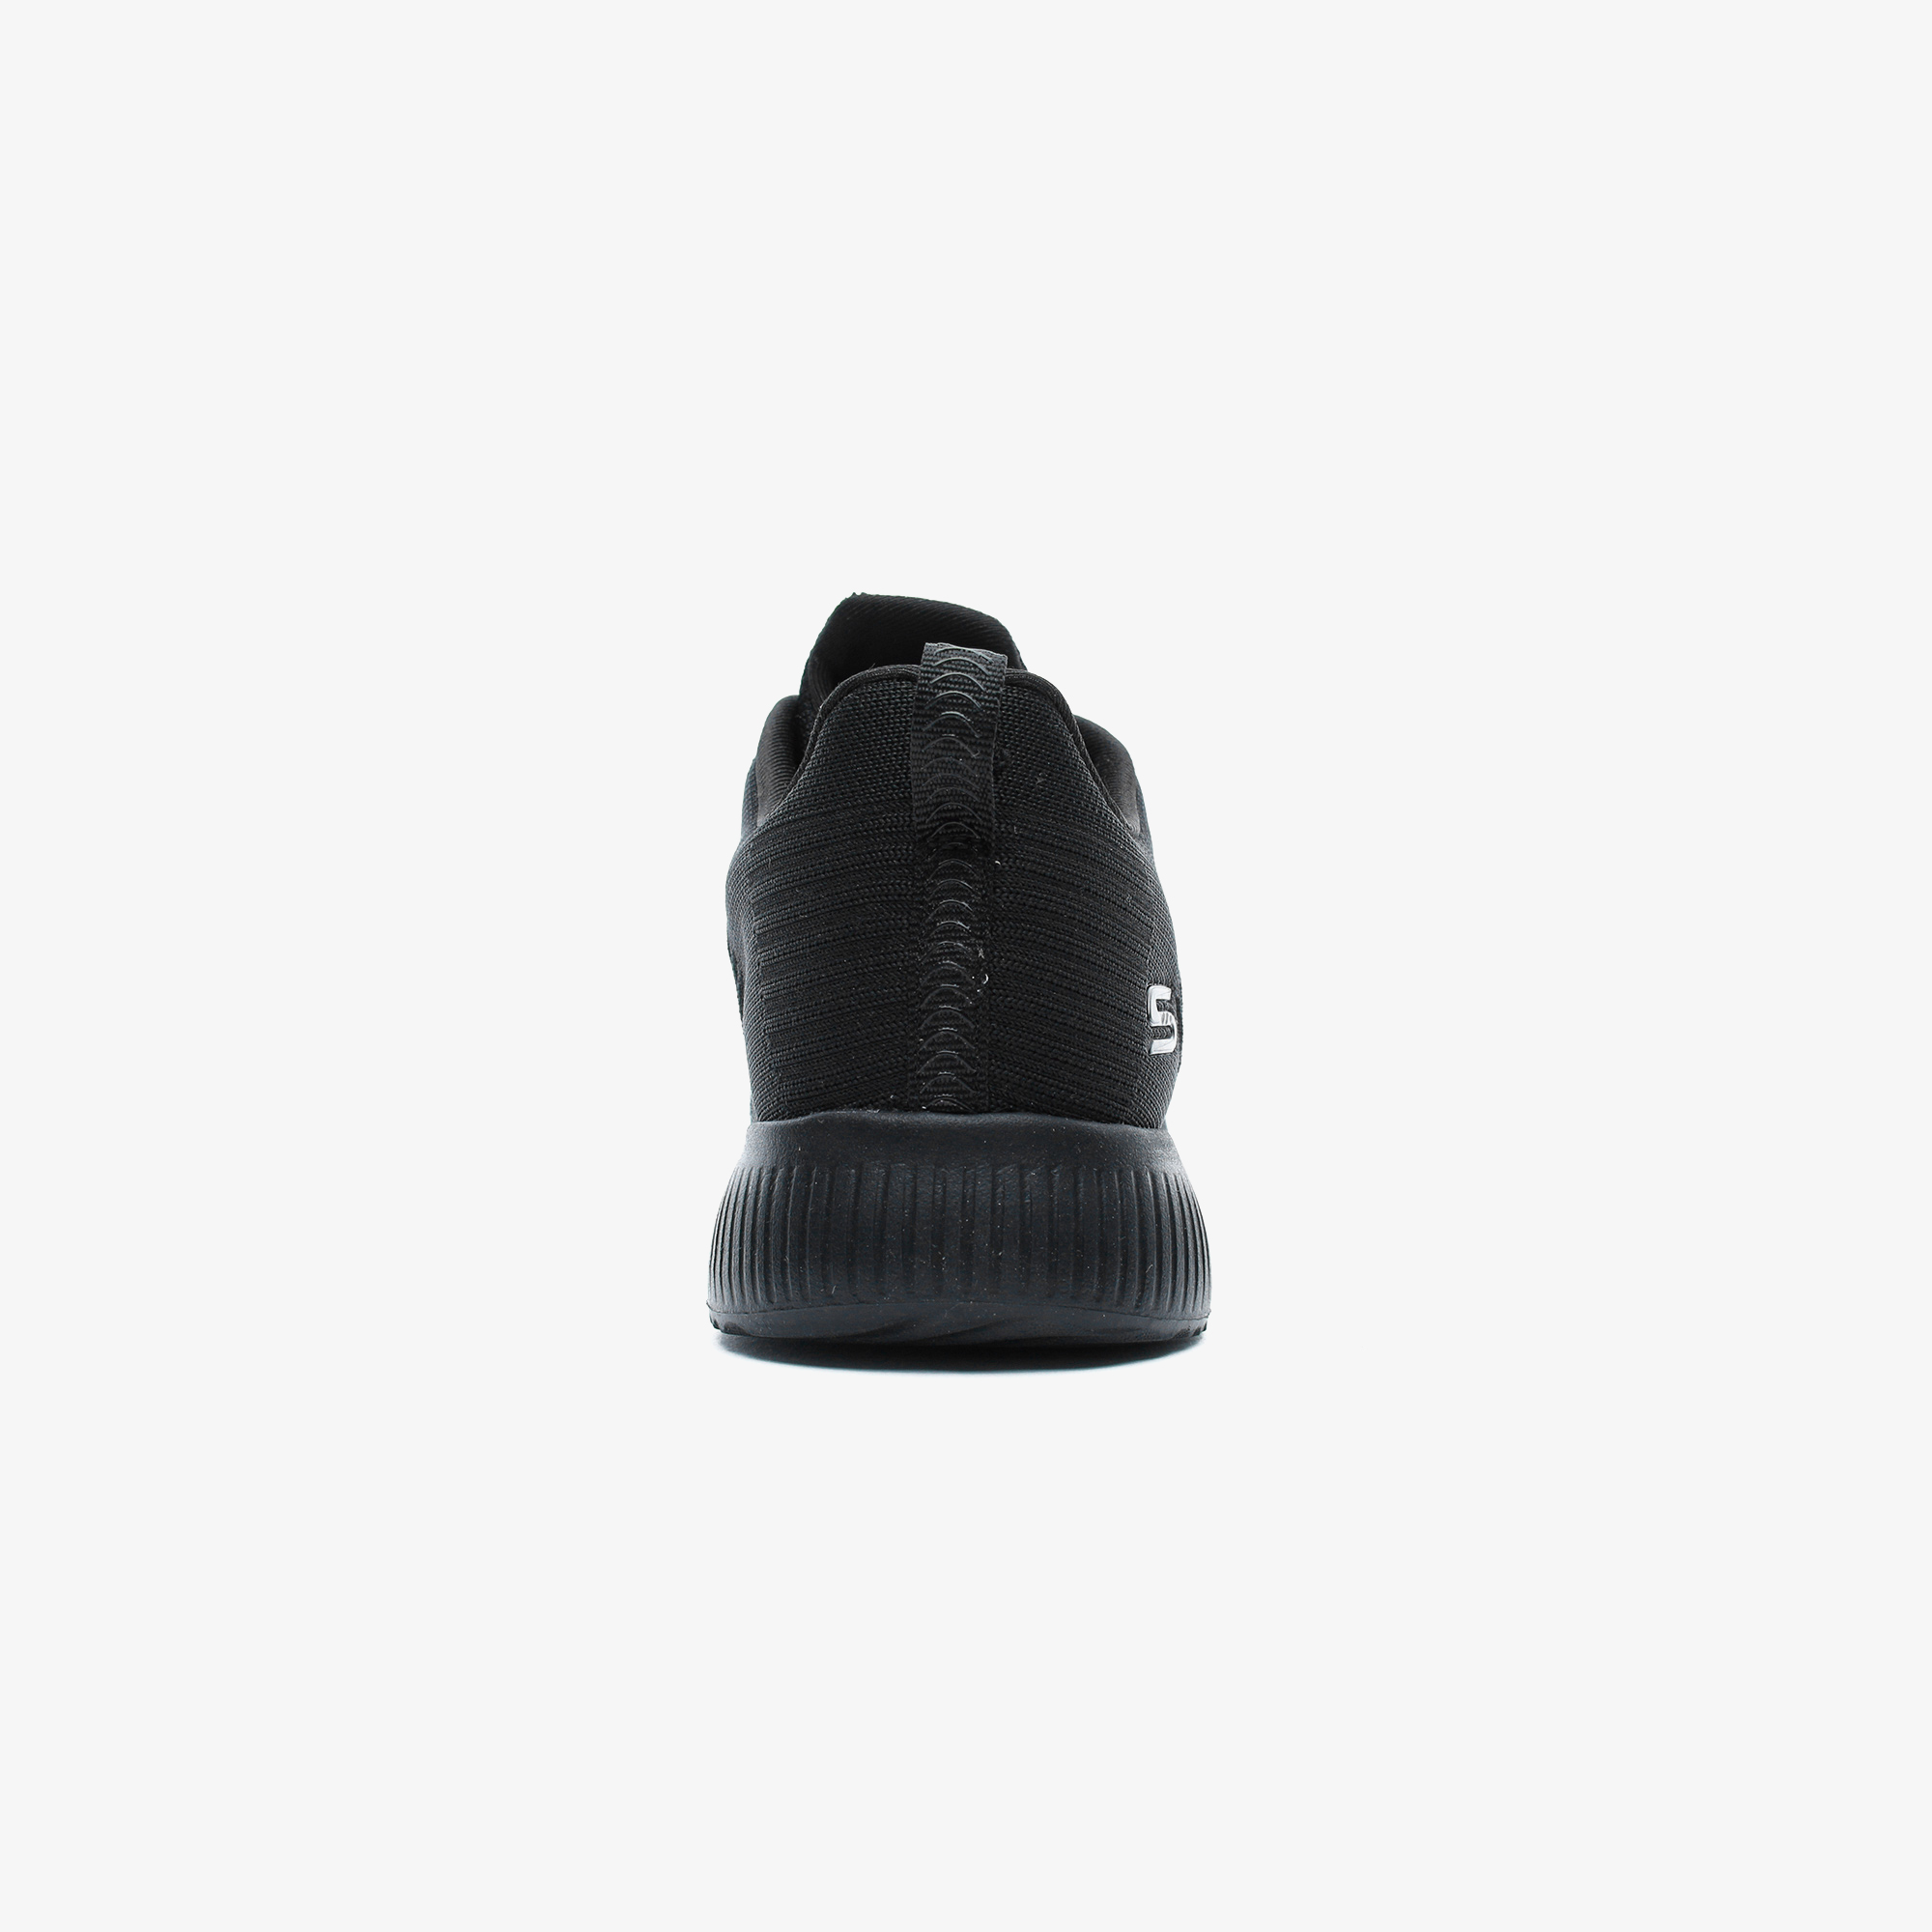 Skechers Bobs Squad - Tough Talk Kadın Siyah Spor Ayakkabı